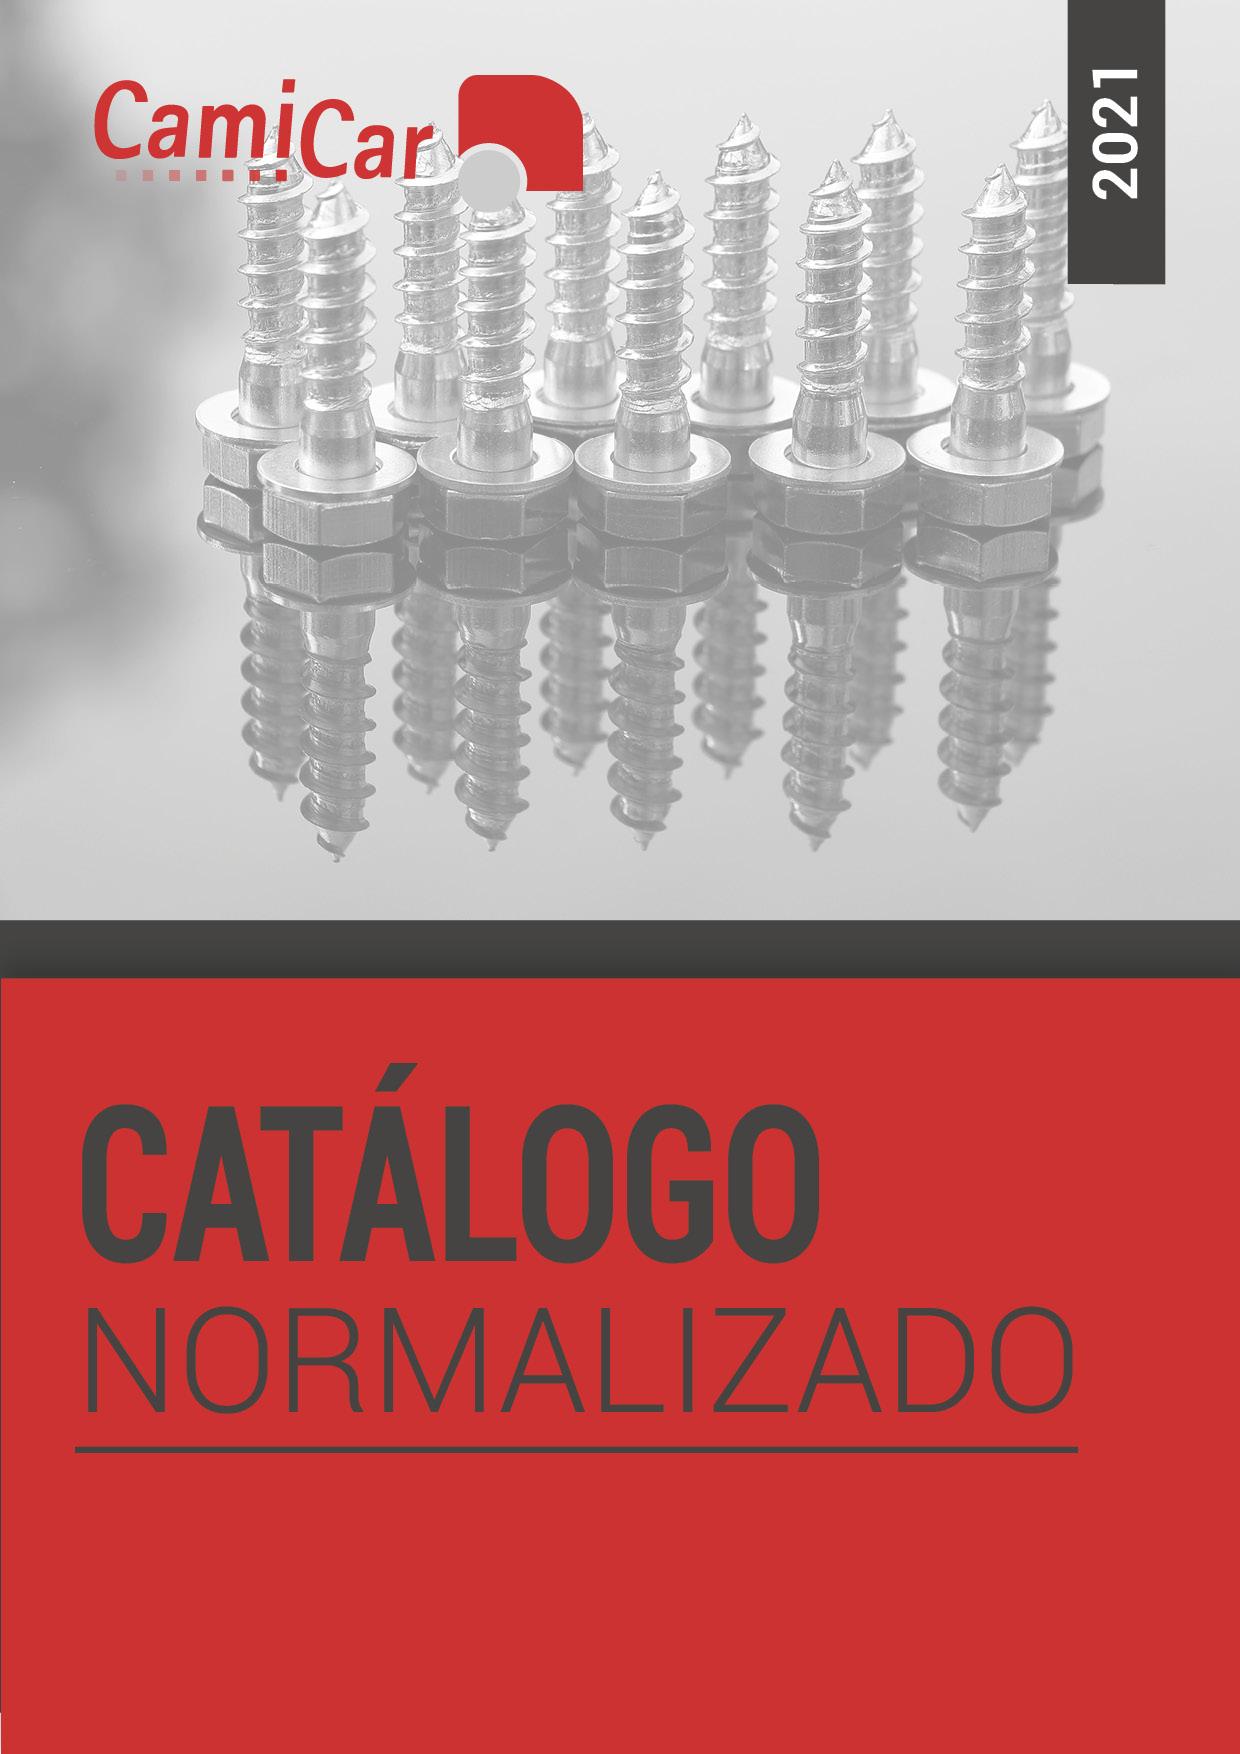 NORMALIZADO